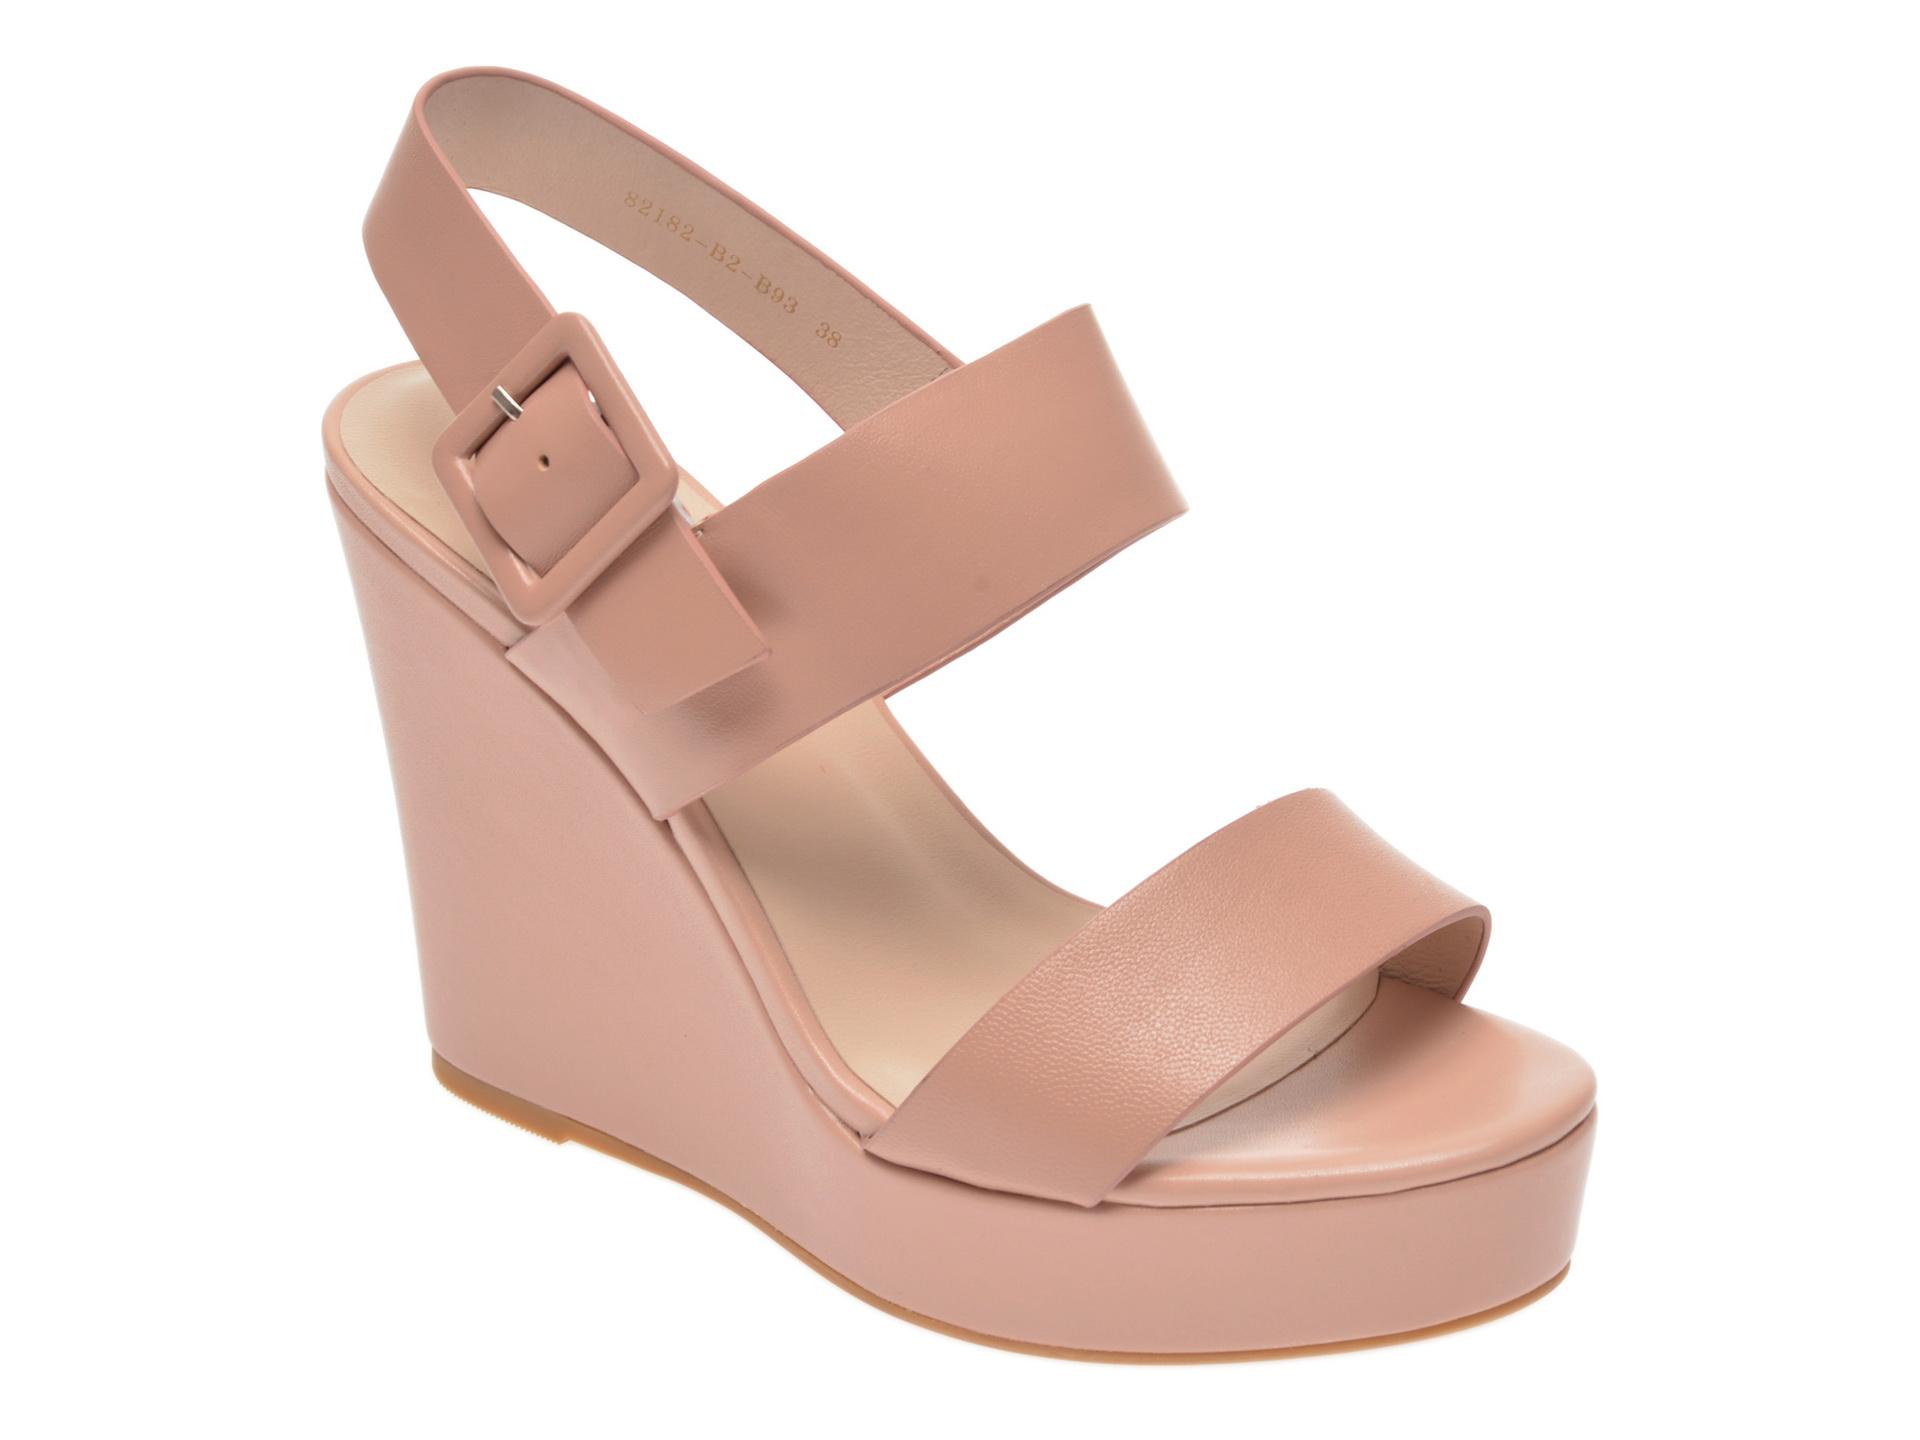 Sandale EPICA nude, 82182B2, din piele naturala